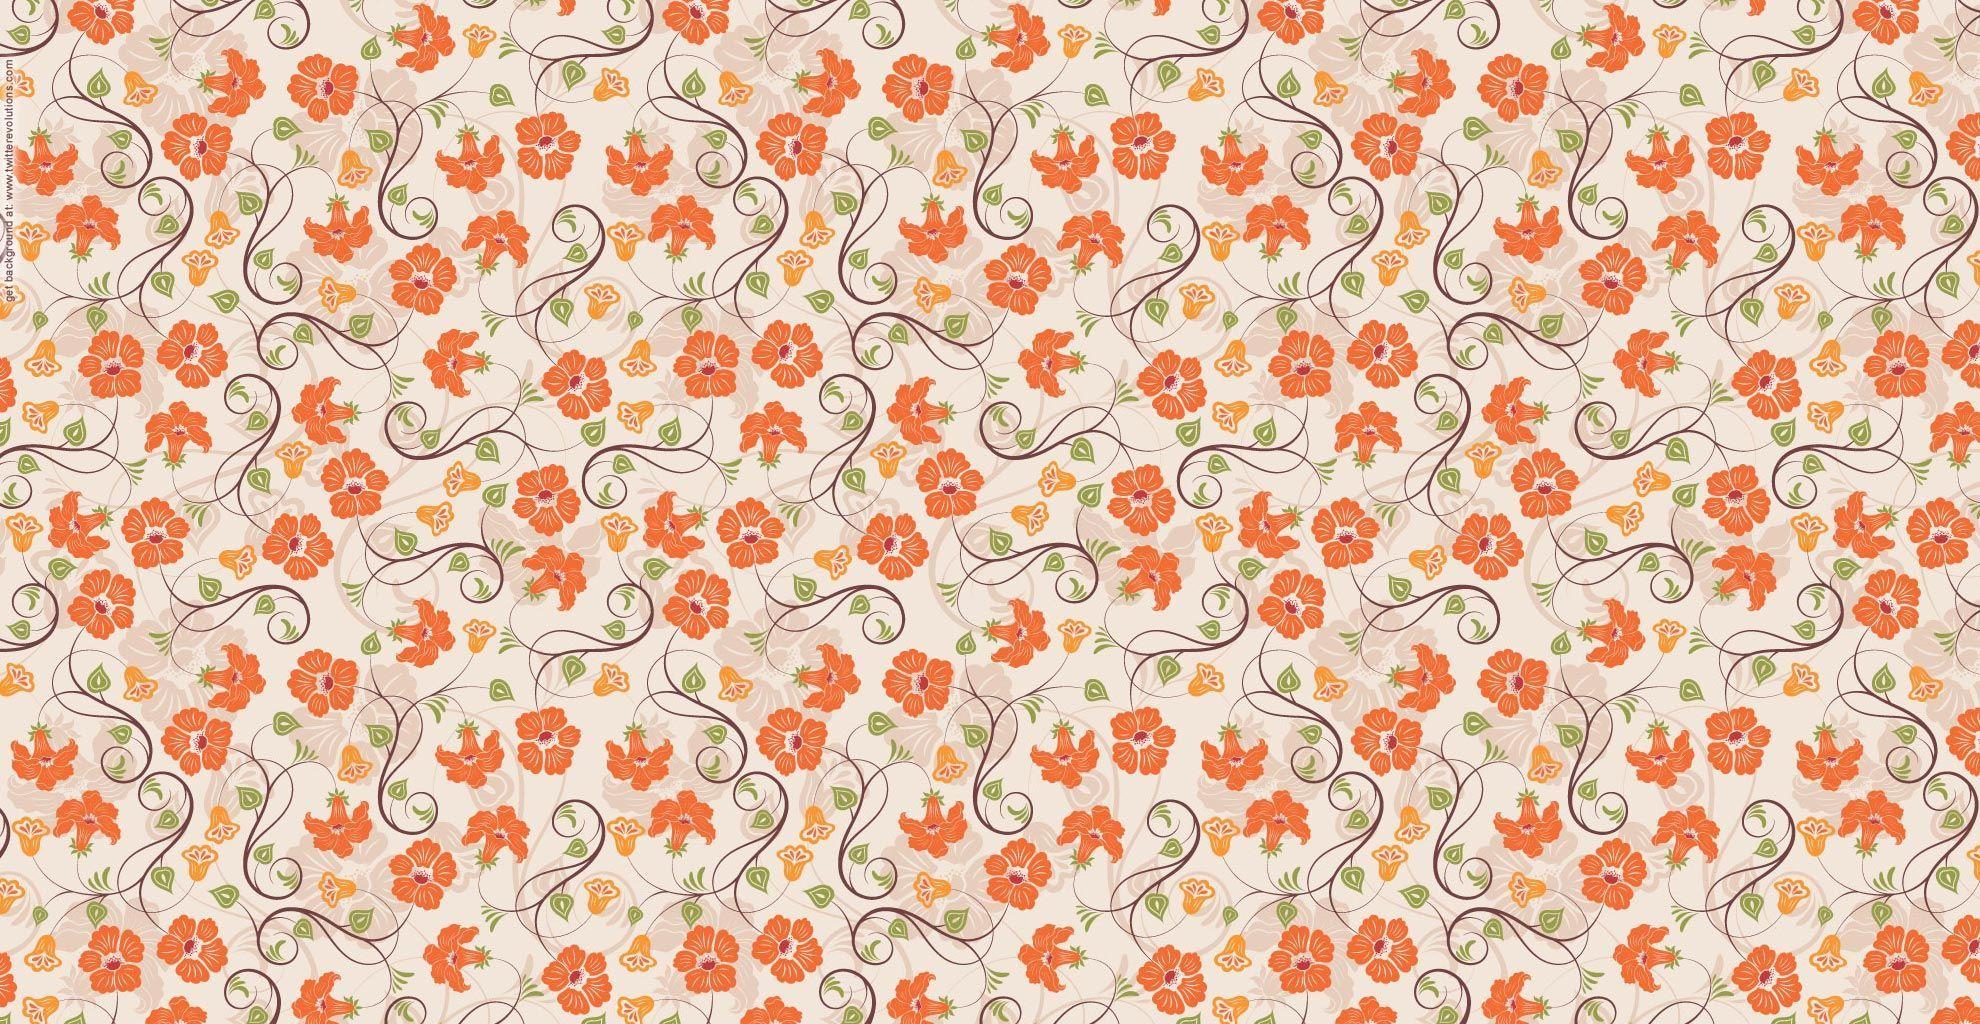 Orange Flower Pattern Wallpaper